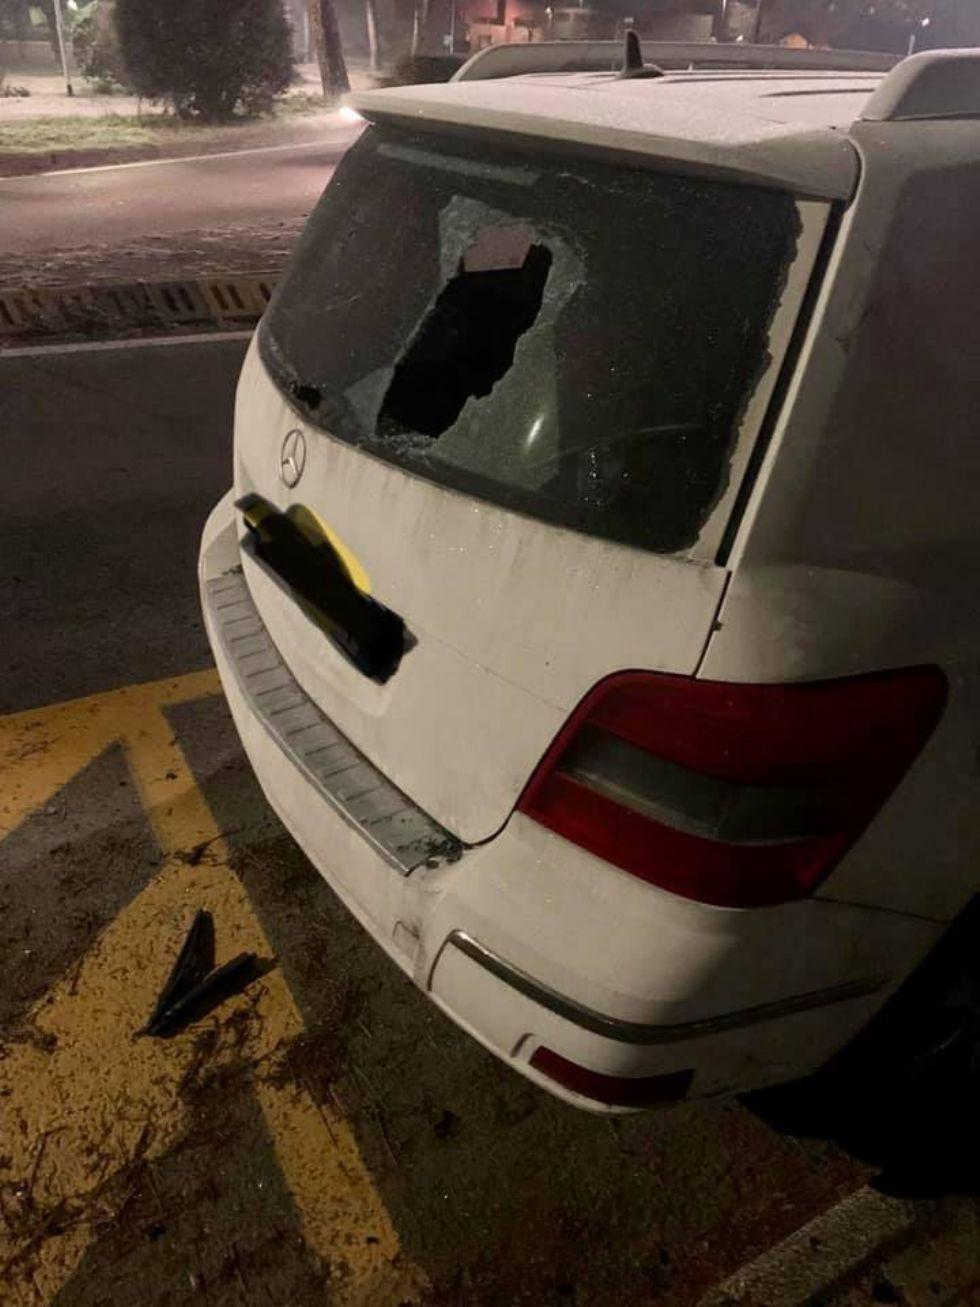 NICHELINO - Vandali scatenati su un'auto parcheggiata in via Trento